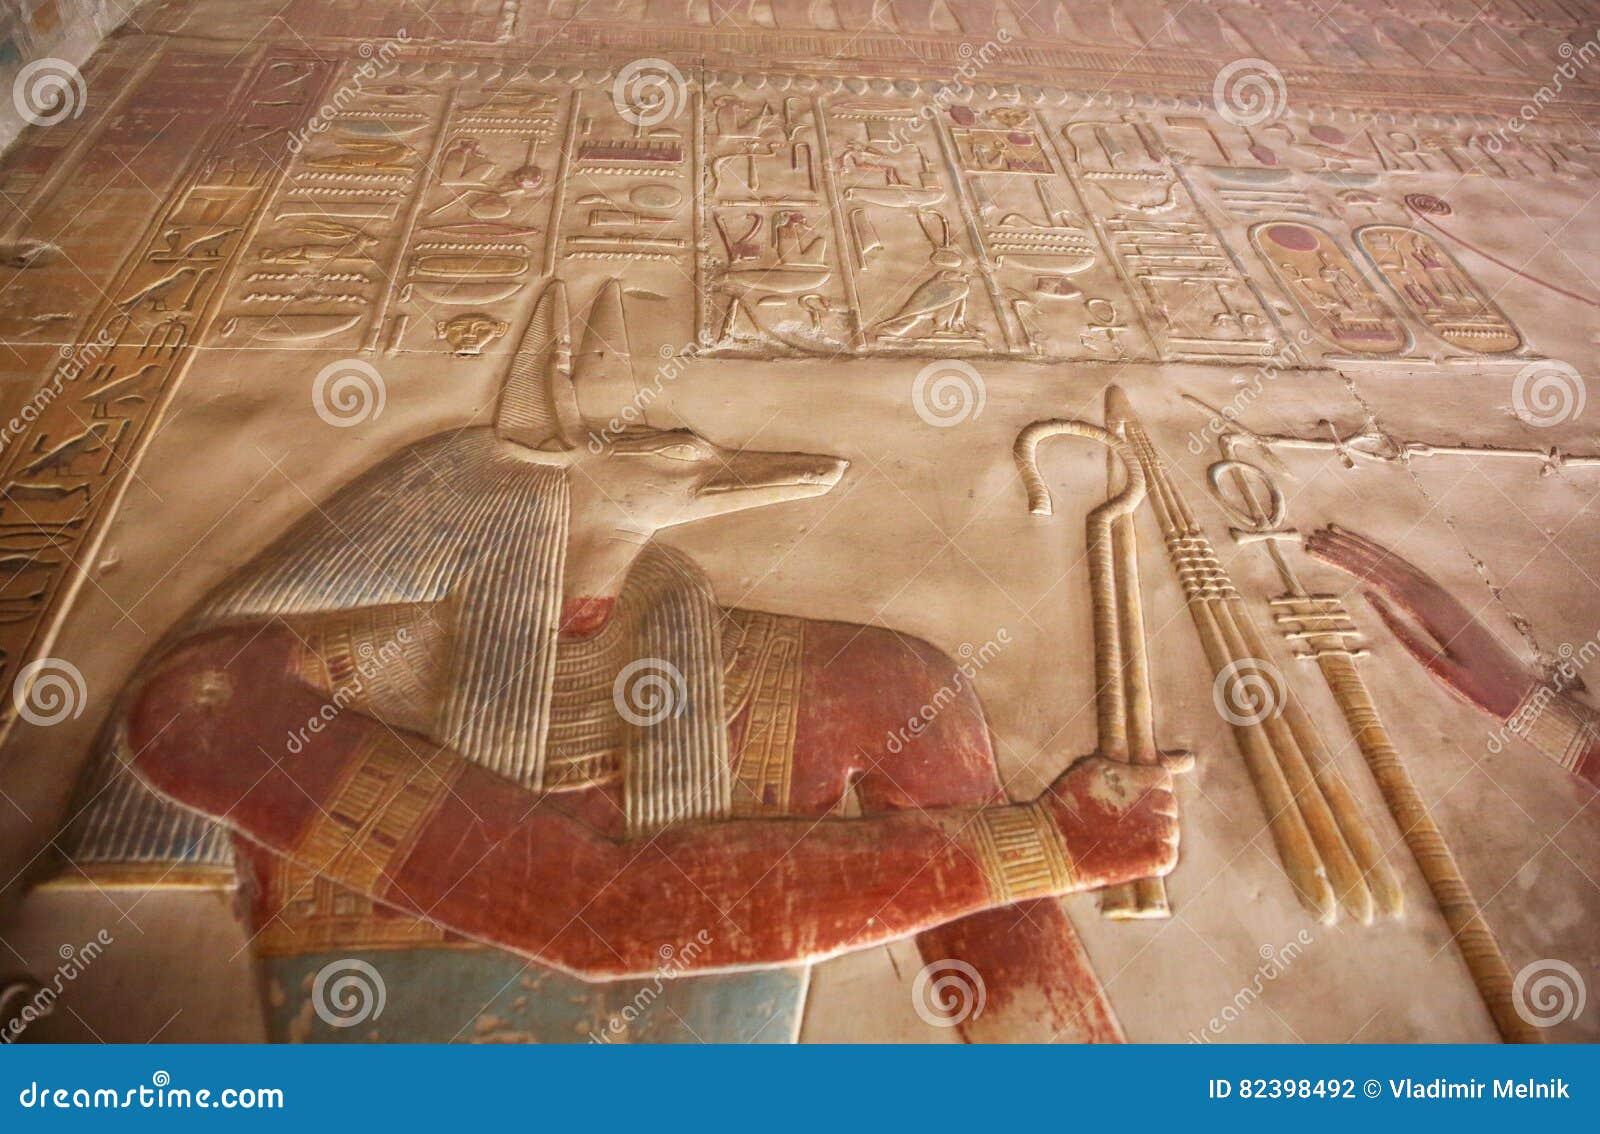 Afgeschilderde Anubis - oude Egyptische god met jakhalshoofd